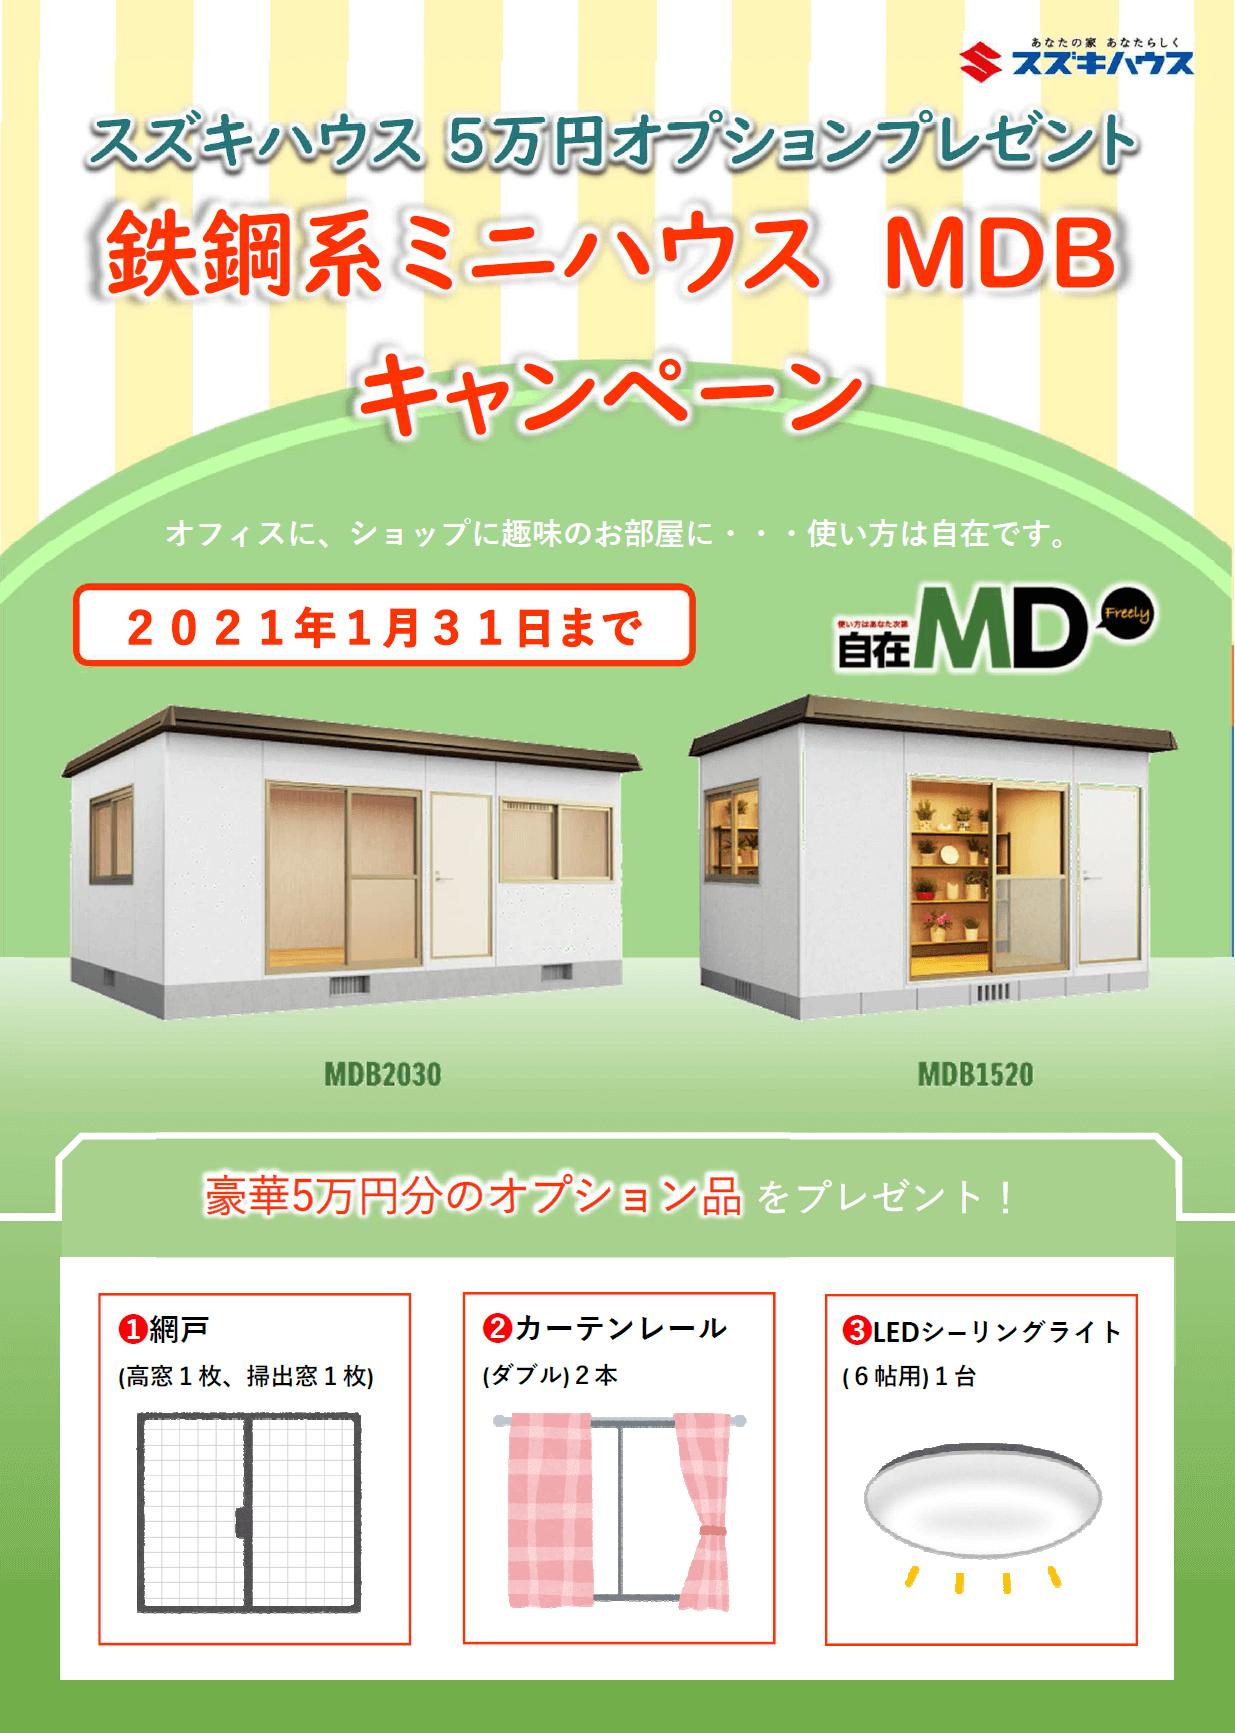 鉄鋼系ミニハウスMDB キャンペーンのお知らせ